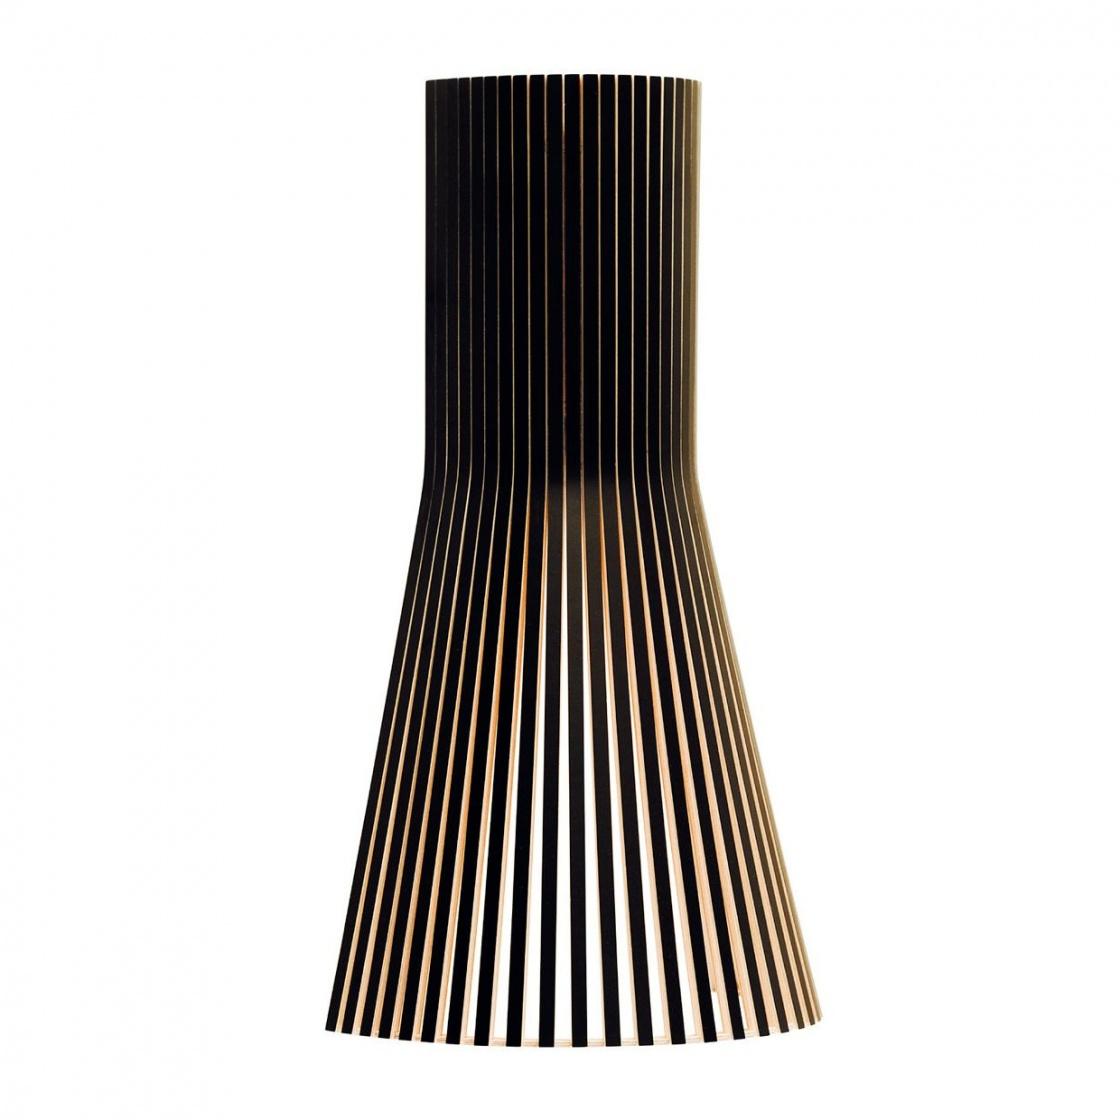 Secto Design - Secto 4231 - Applique Murale - noir/laminé/incl. ampoule LED 2800K/470lm/câble blanc